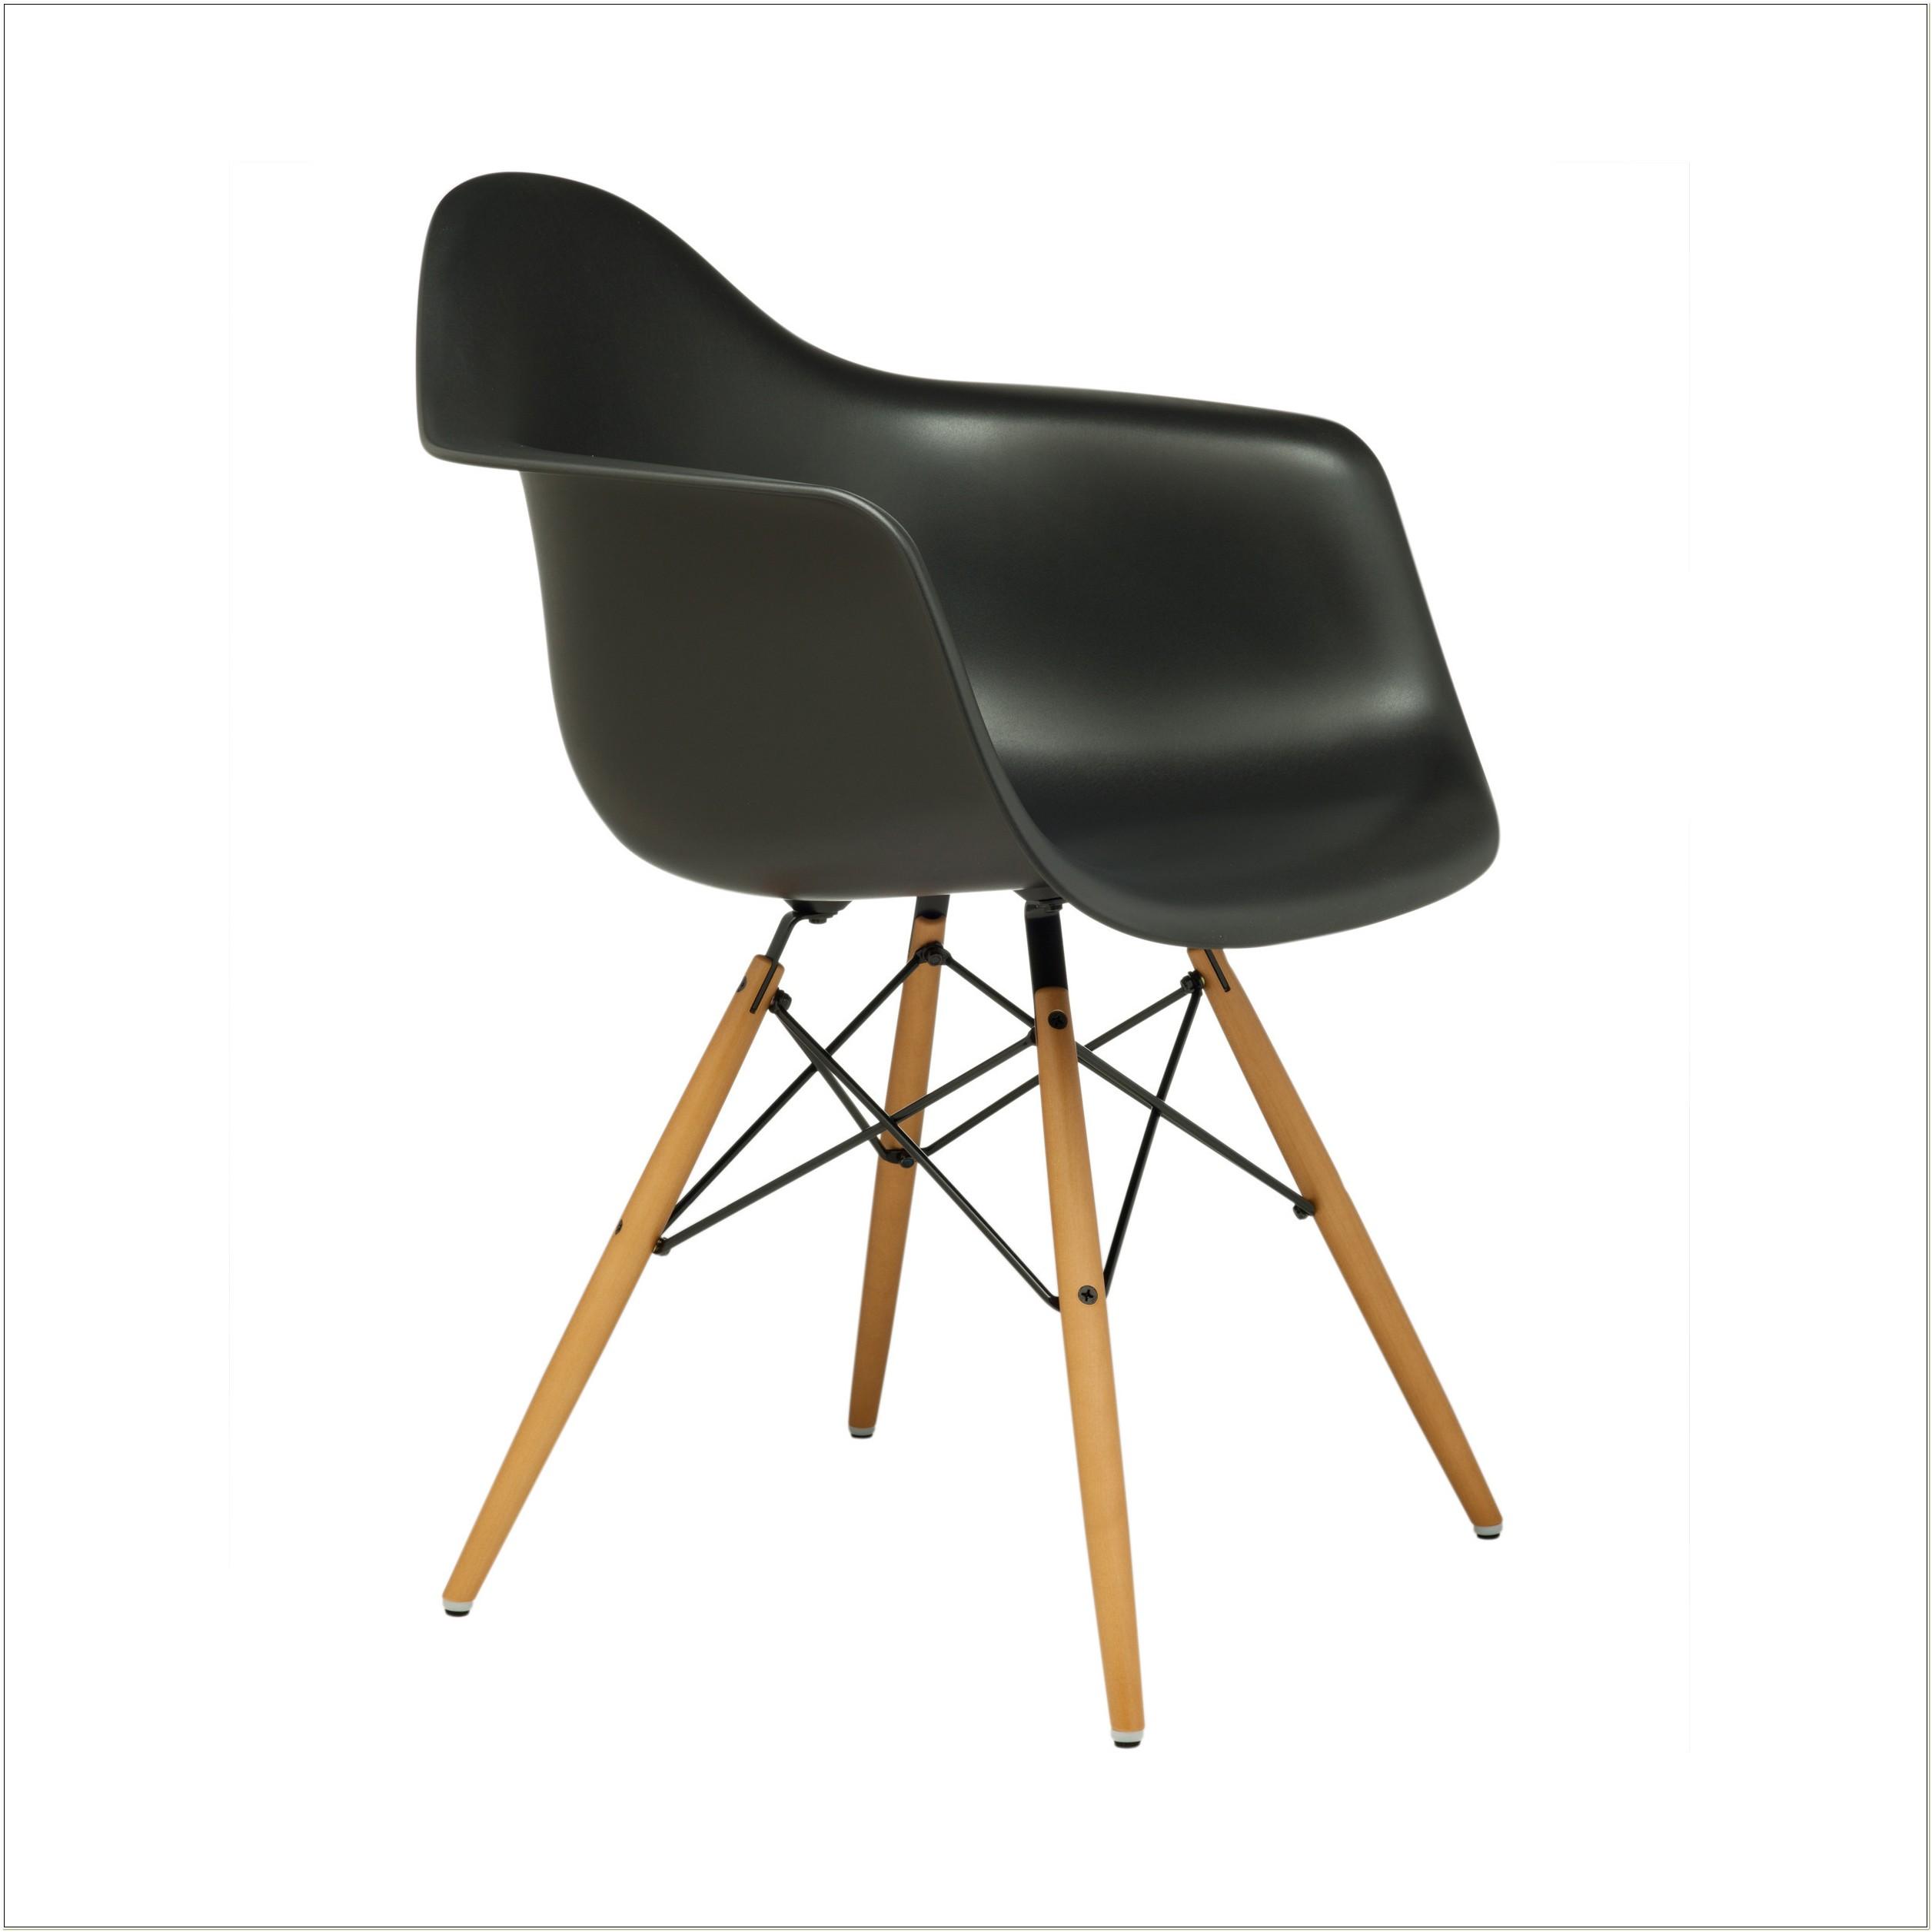 Eames Plastic Side Chair Dsr Preisvergleich